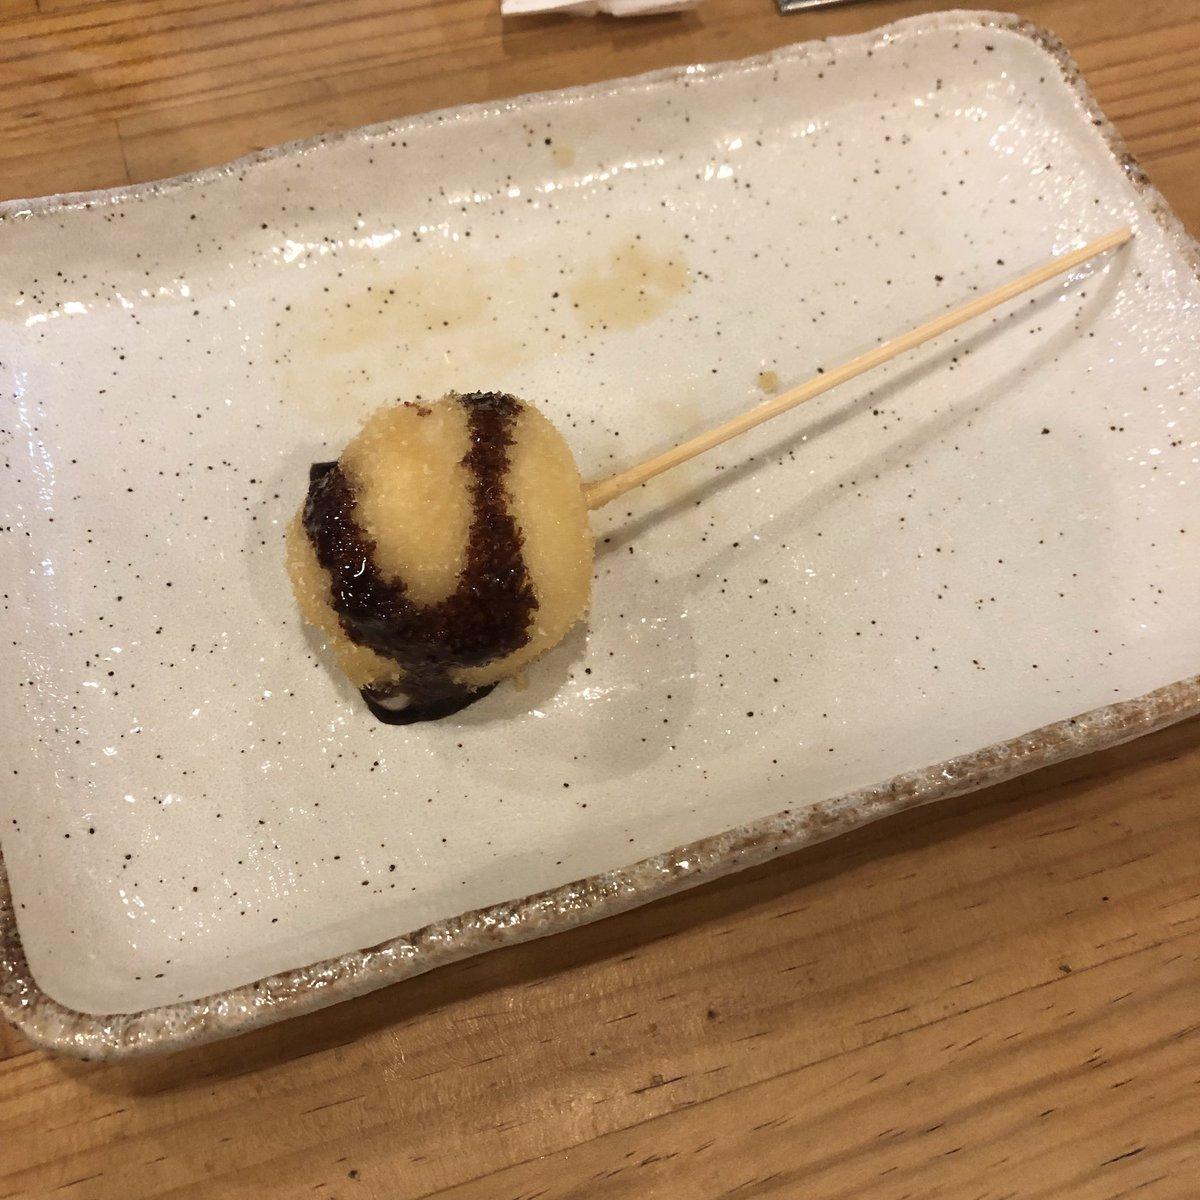 test ツイッターメディア - 昨日はまゆことご飯! お寿司とか串カツとかいろいろ食べて食べて食べまくり 雪見だいふく串オススメ。 ばり楽しかった https://t.co/jhBKAnqaiR